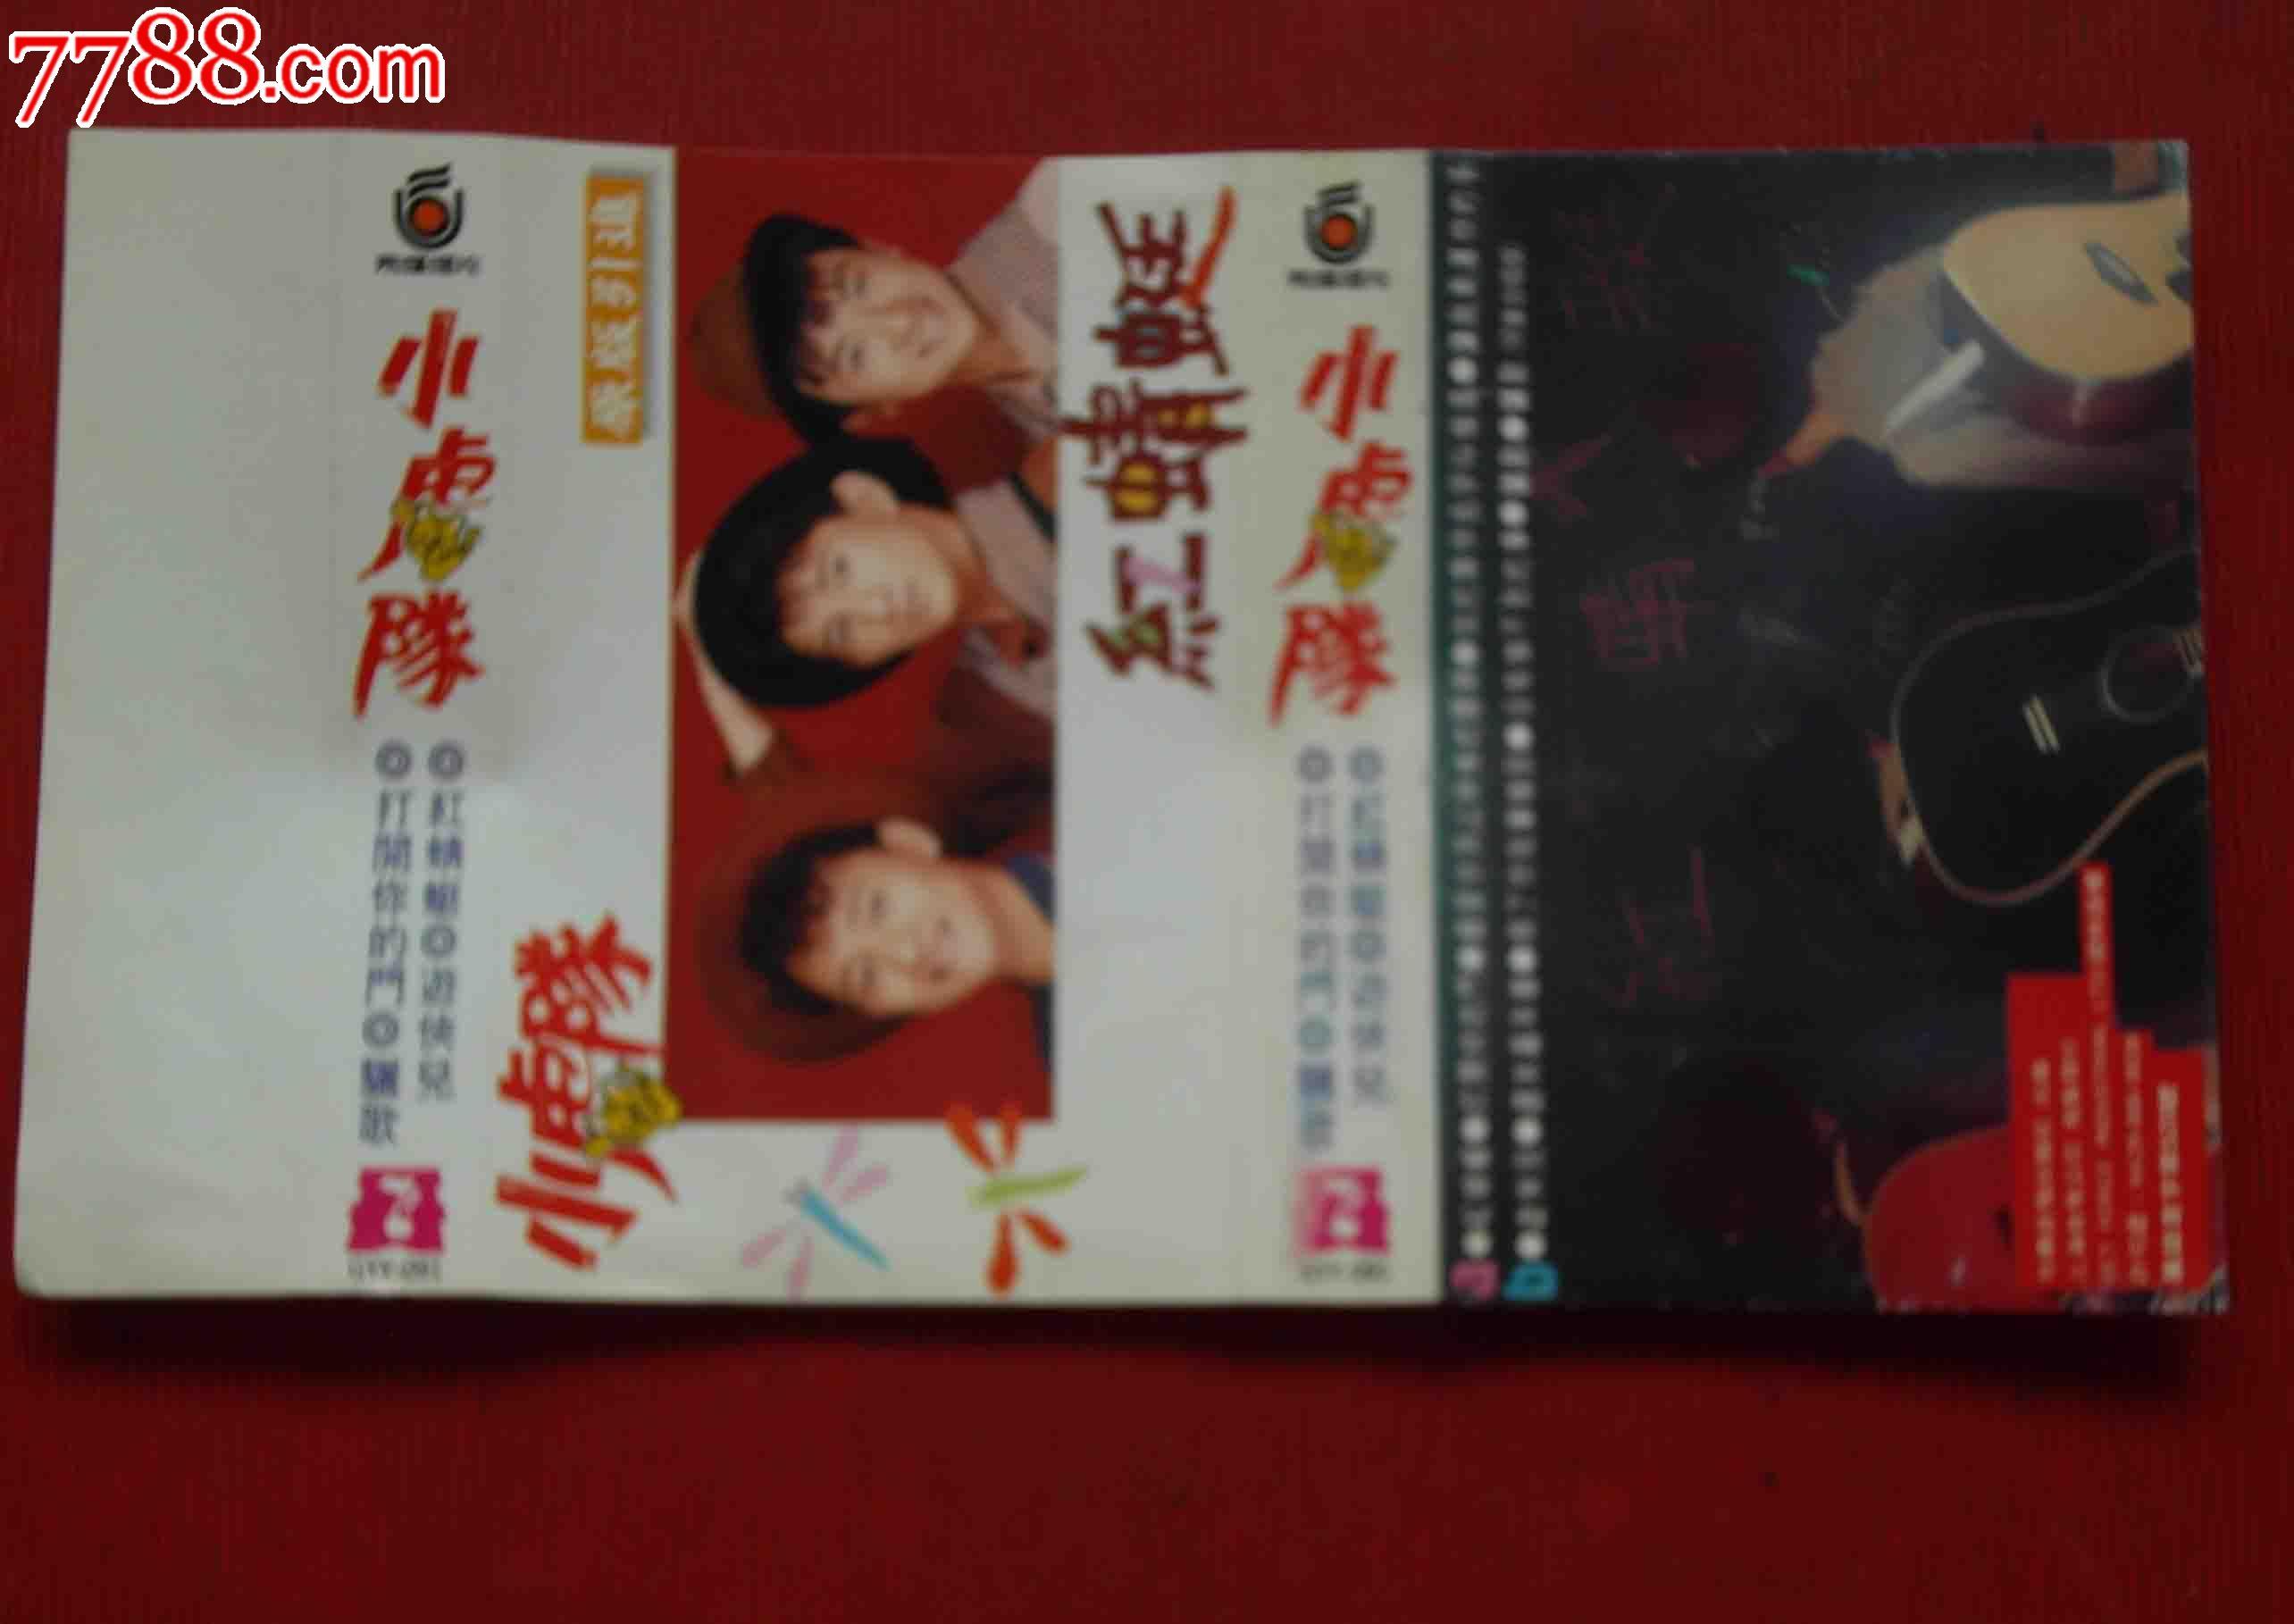 小虎队-红蜻蜓-----(购10盘免快递!)_价格9.